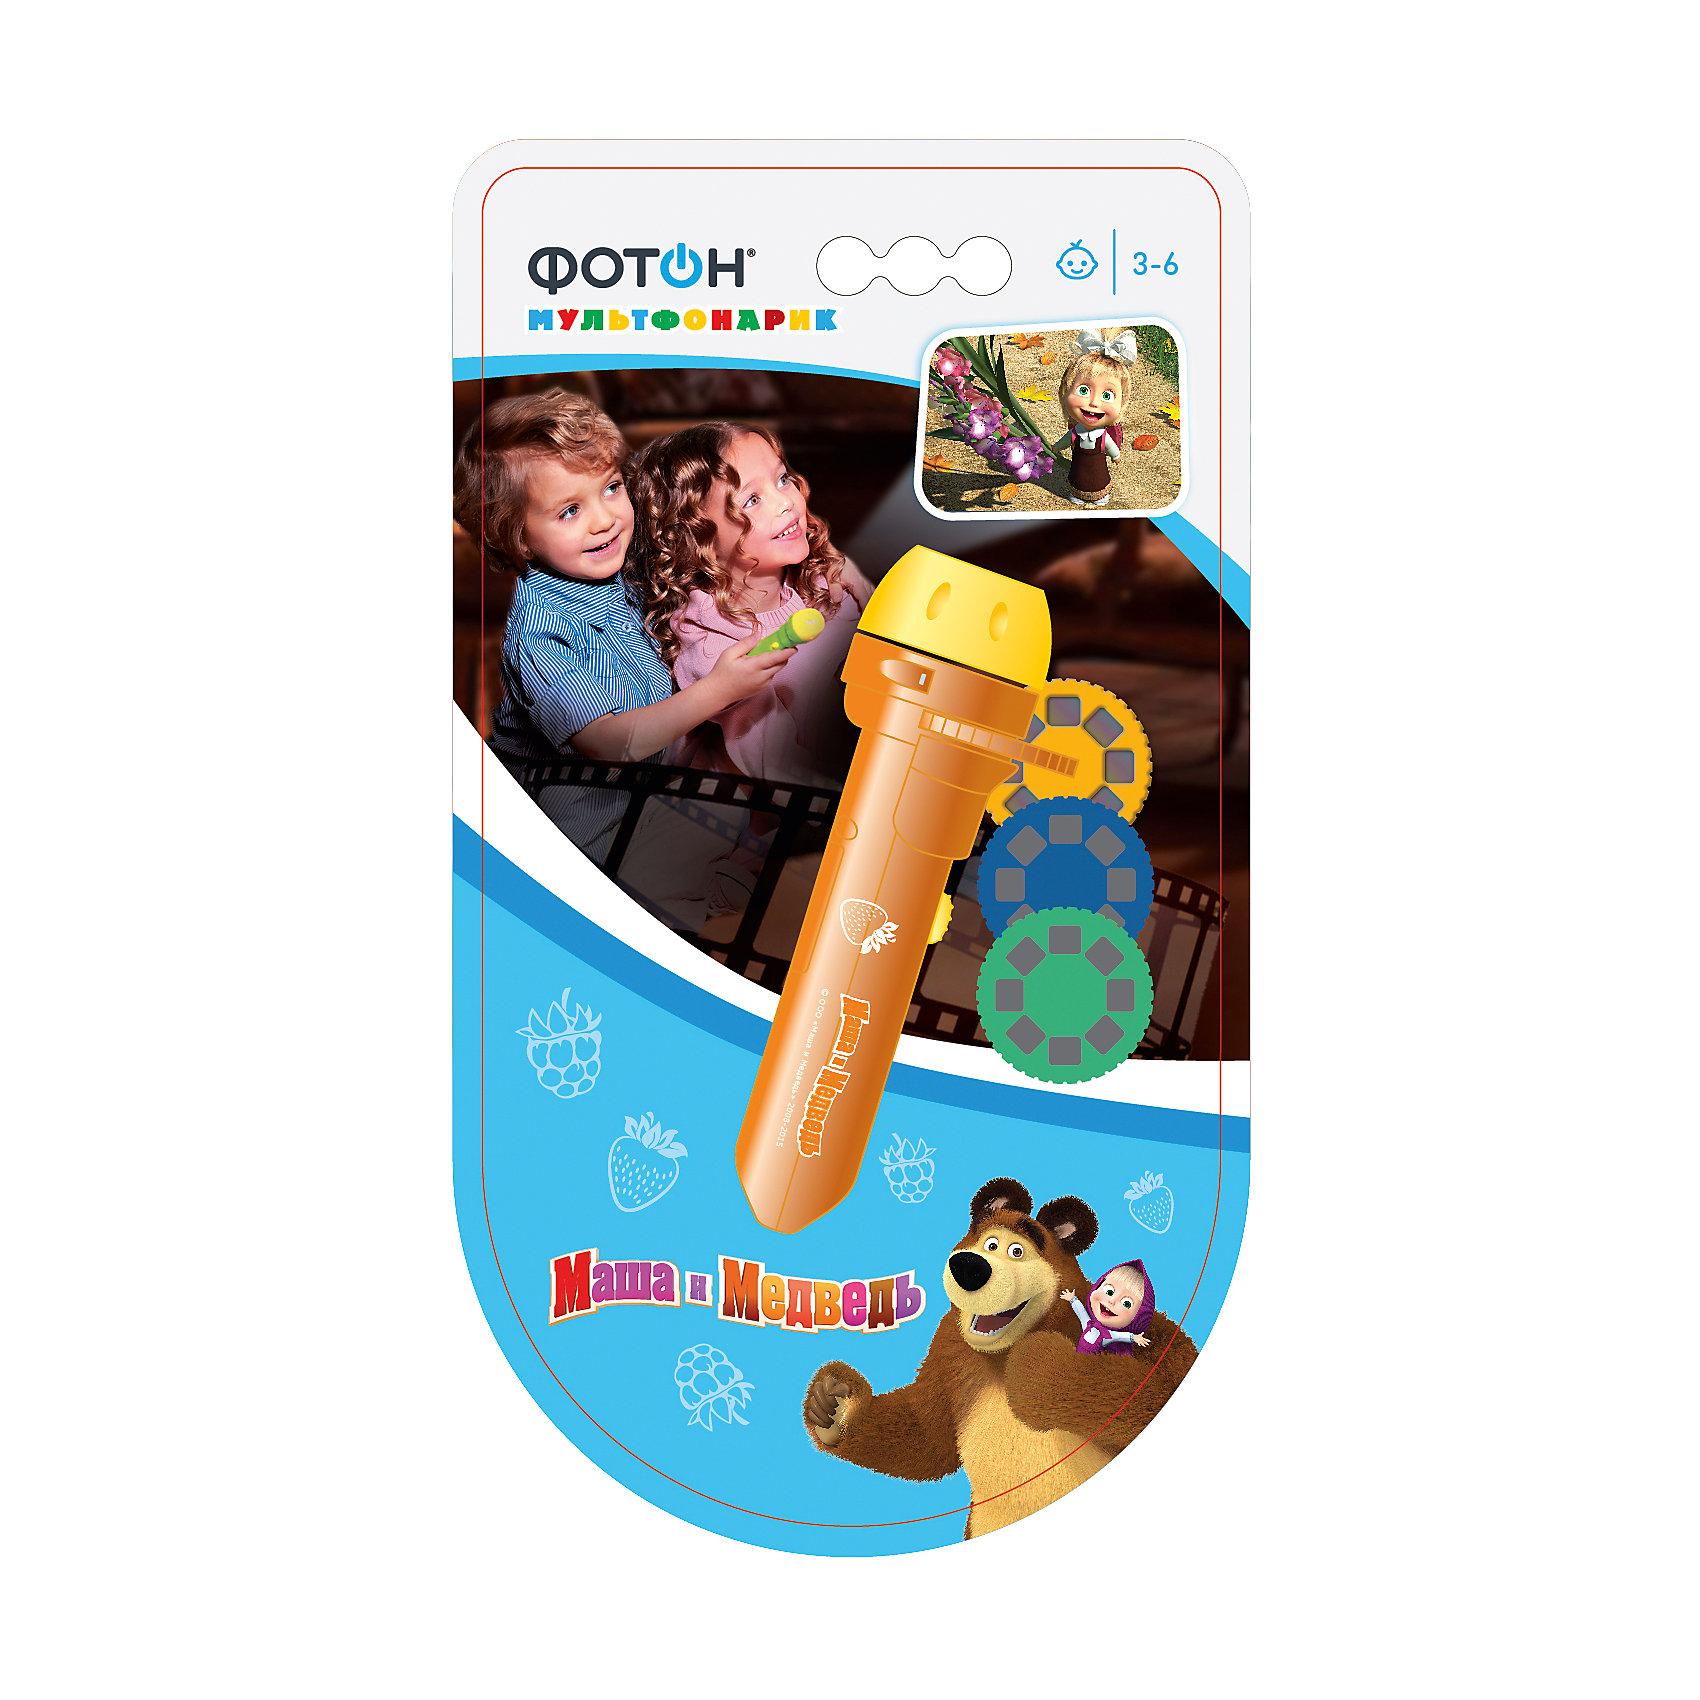 Мультфонарик с дисками  Маша и Медведь, оранжевый, ФотонМультфонарик с дисками Маша и Медведь, оранжевый, Фотон.<br><br>Характеристика:<br><br>• Материал: пластик, металл.<br>• Длина фонарика: 11,5 см. <br>• Размер упаковки: 21x13 см.<br>• Проецирует картинку на расстоянии: 0,3-3 м. <br>• Комплектация: фонарик, 3 диска (по 8 кадров в каждом). <br>• Сказки: Про новогоднее представление (оранжевый диск), Про Машу-первоклашку (фиолетовый диск), Про Машу и музыкальные инструменты (салатовый диск). <br>• Элемент питания: 3 батарейки 1,5V типа AG3/LR41 (в комплекте демонстрационные). <br>• Яркий привлекательный дизайн.<br><br>Мультфонарик с дисками - прекрасный подарок для всех поклонников Маши и Медведя. Проецируя на стену изображения и перемещая диск дети смогут увидеть любимые сюжеты, показать и рассказать знакомые истории. Качественные проекции и простота использования позволяют играть с фонариком детям любого возраста. Фонарик небольшого размера легко поместится с сумке или кармане, а значит, любимые герои и захватывающие истории смогут быть рядом всегда и везде. <br>Изображения можно спроецировать на любую ровную поверхность. Фонарик выполнен из высококачественного прочного пластика, работает от батареек. <br><br>Мультфонарик с дисками Маша и Медведь, оранжевый, Фотон, можно купить в нашем интернет-магазине.<br><br>Ширина мм: 230<br>Глубина мм: 125<br>Высота мм: 35<br>Вес г: 106<br>Возраст от месяцев: 24<br>Возраст до месяцев: 120<br>Пол: Унисекс<br>Возраст: Детский<br>SKU: 5268927